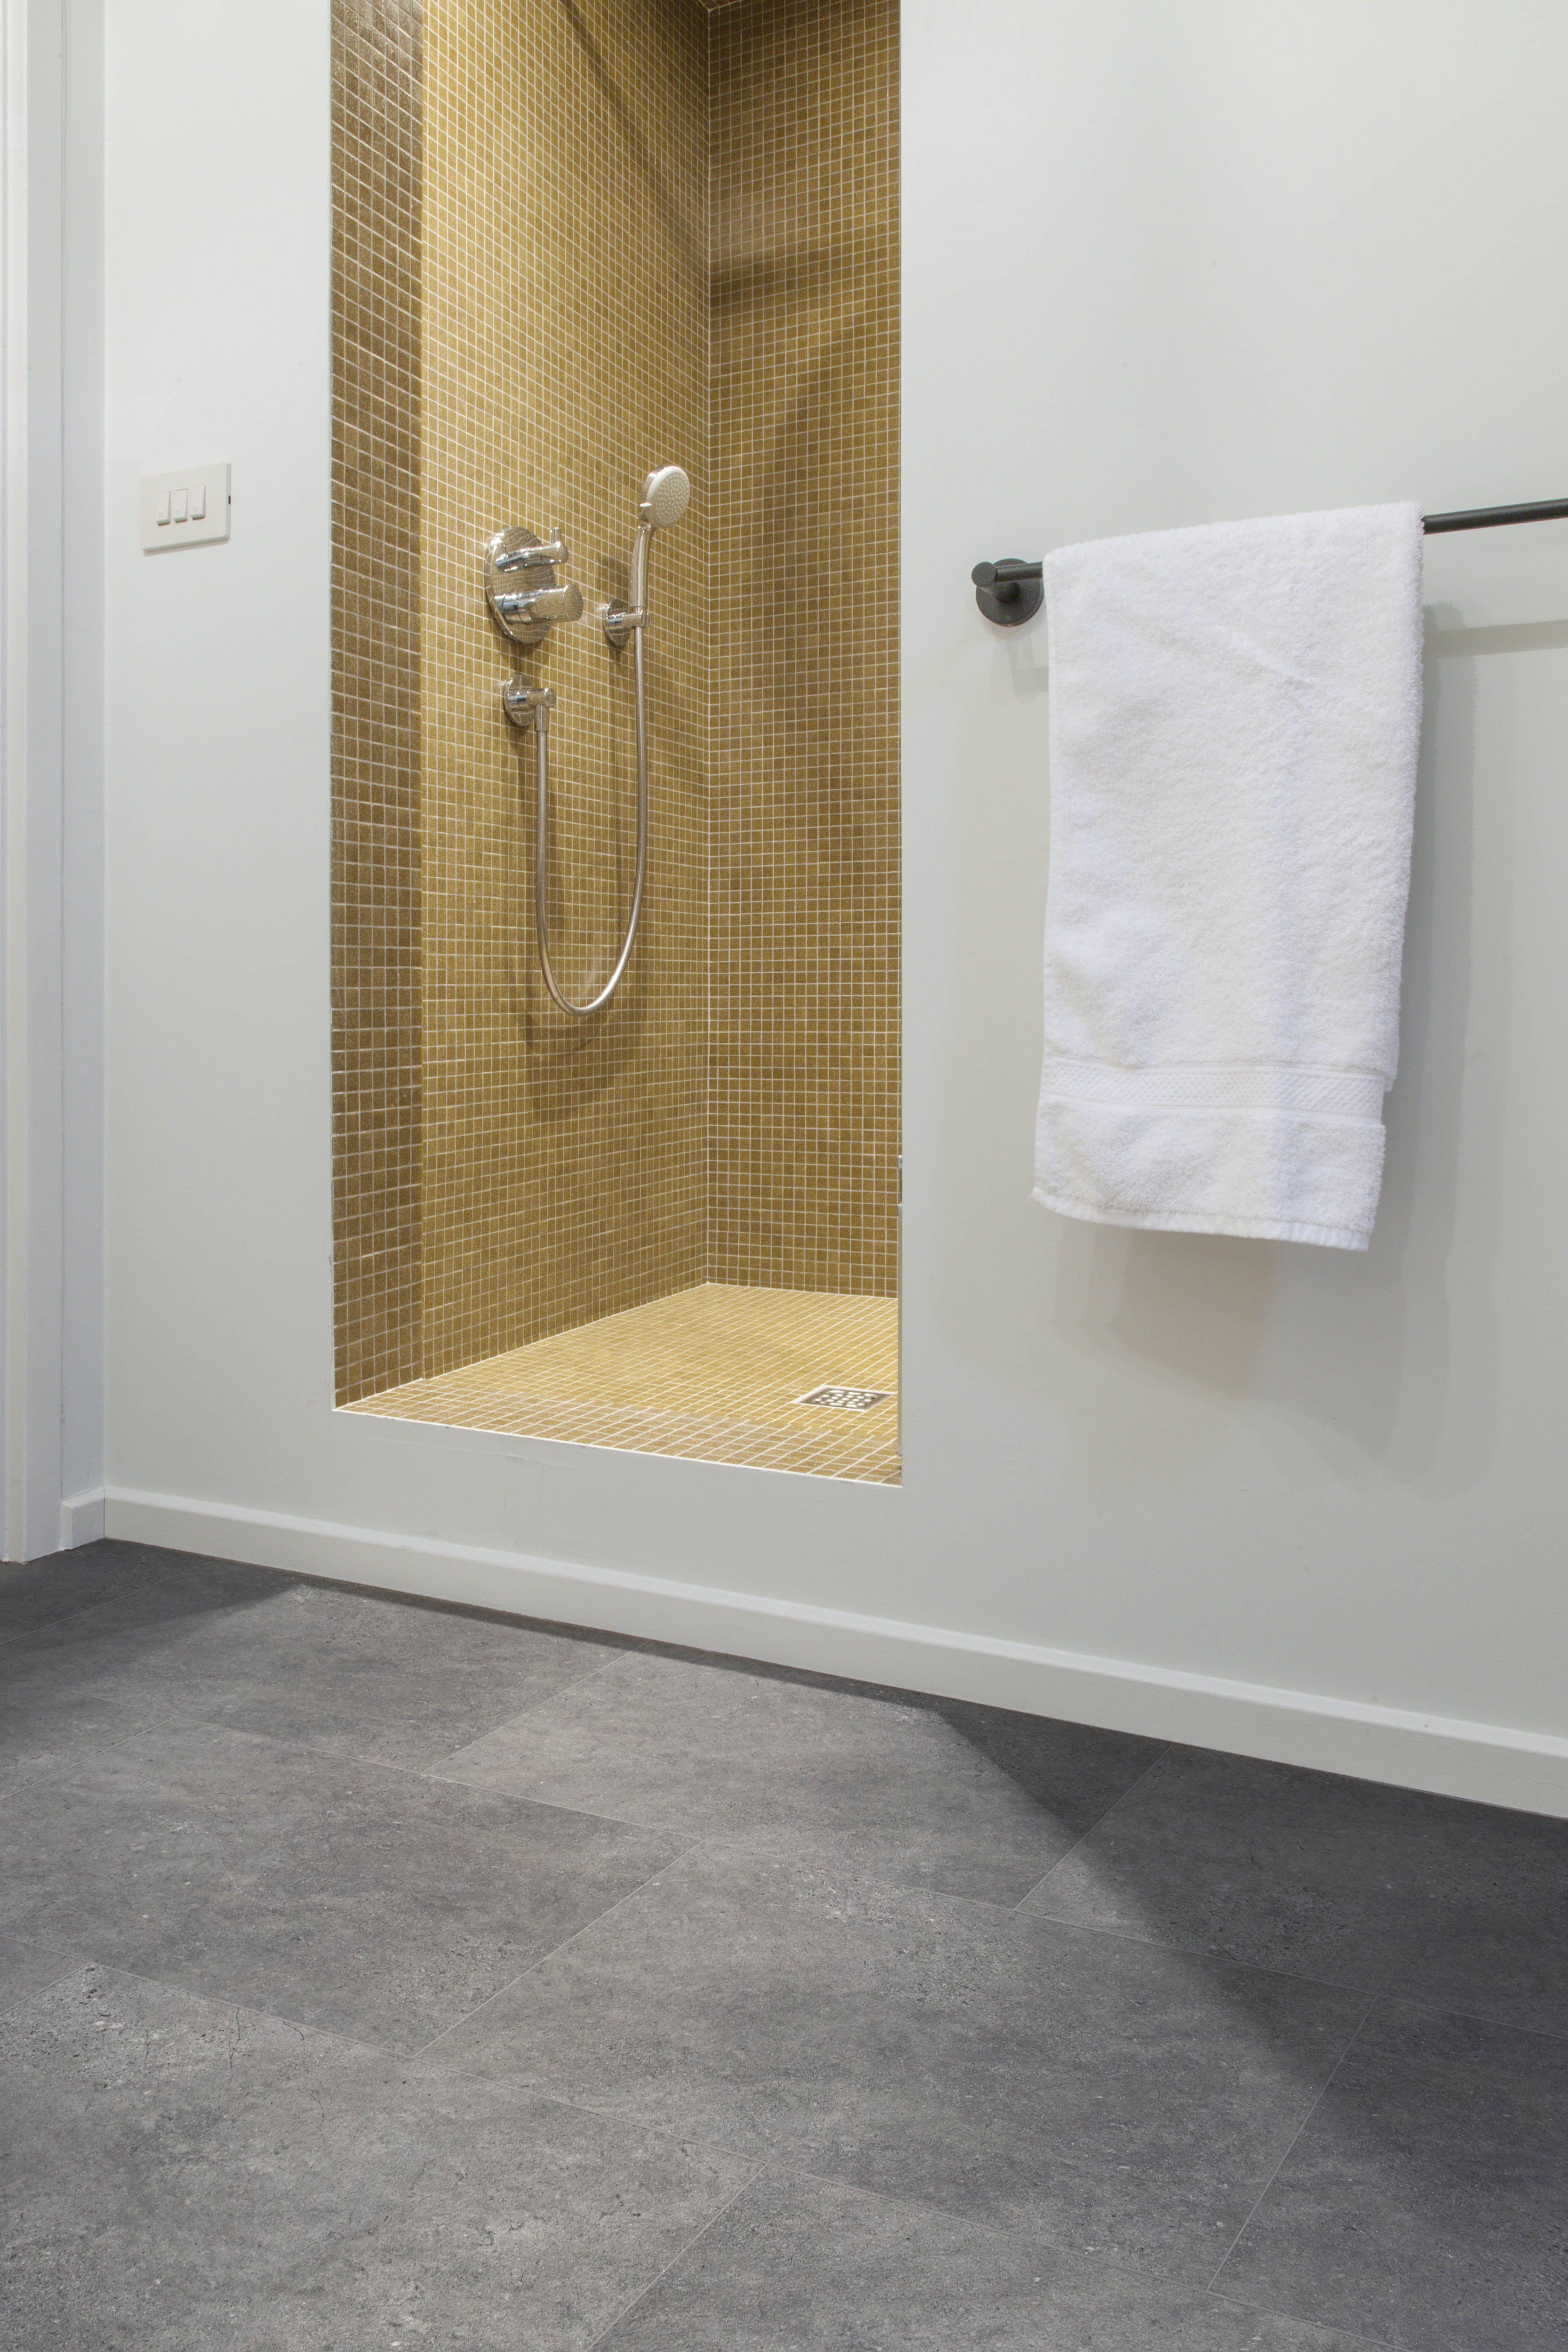 Vloer badkamer, Vloeren PVC, PVC vloer badkamer, Vloer inspiratie ...